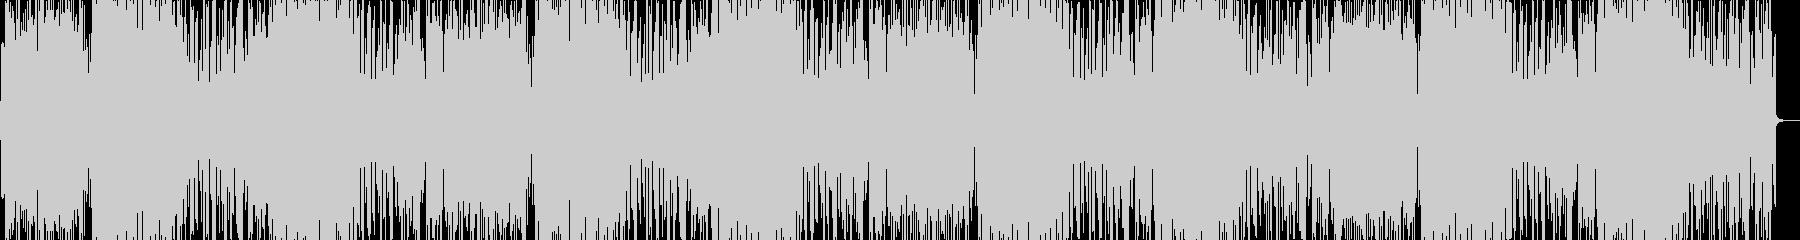 ピチカートがおしゃれなボサノバ風BGMの未再生の波形